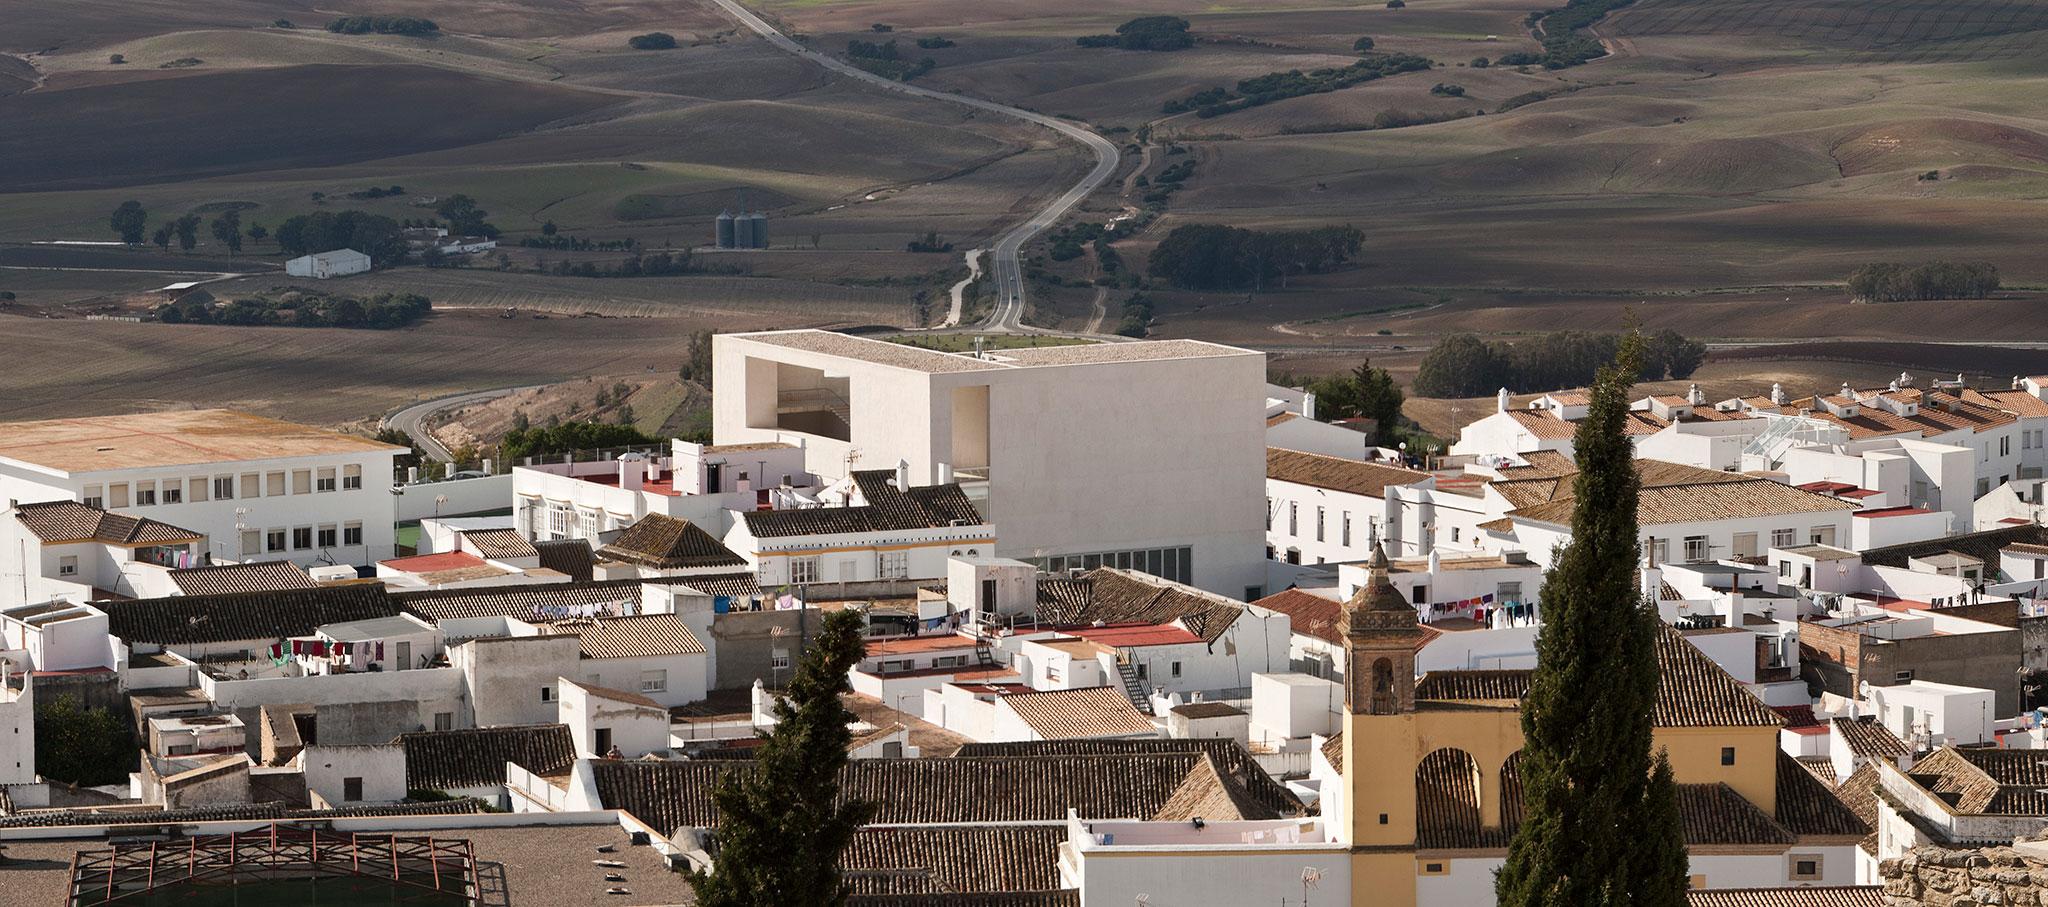 Terraza. Teatro Miguel Mihura Álvarez de Medina Sidonia por Frank Mazzarella y Pedro Caro González. Fotografía por Fernando Alda